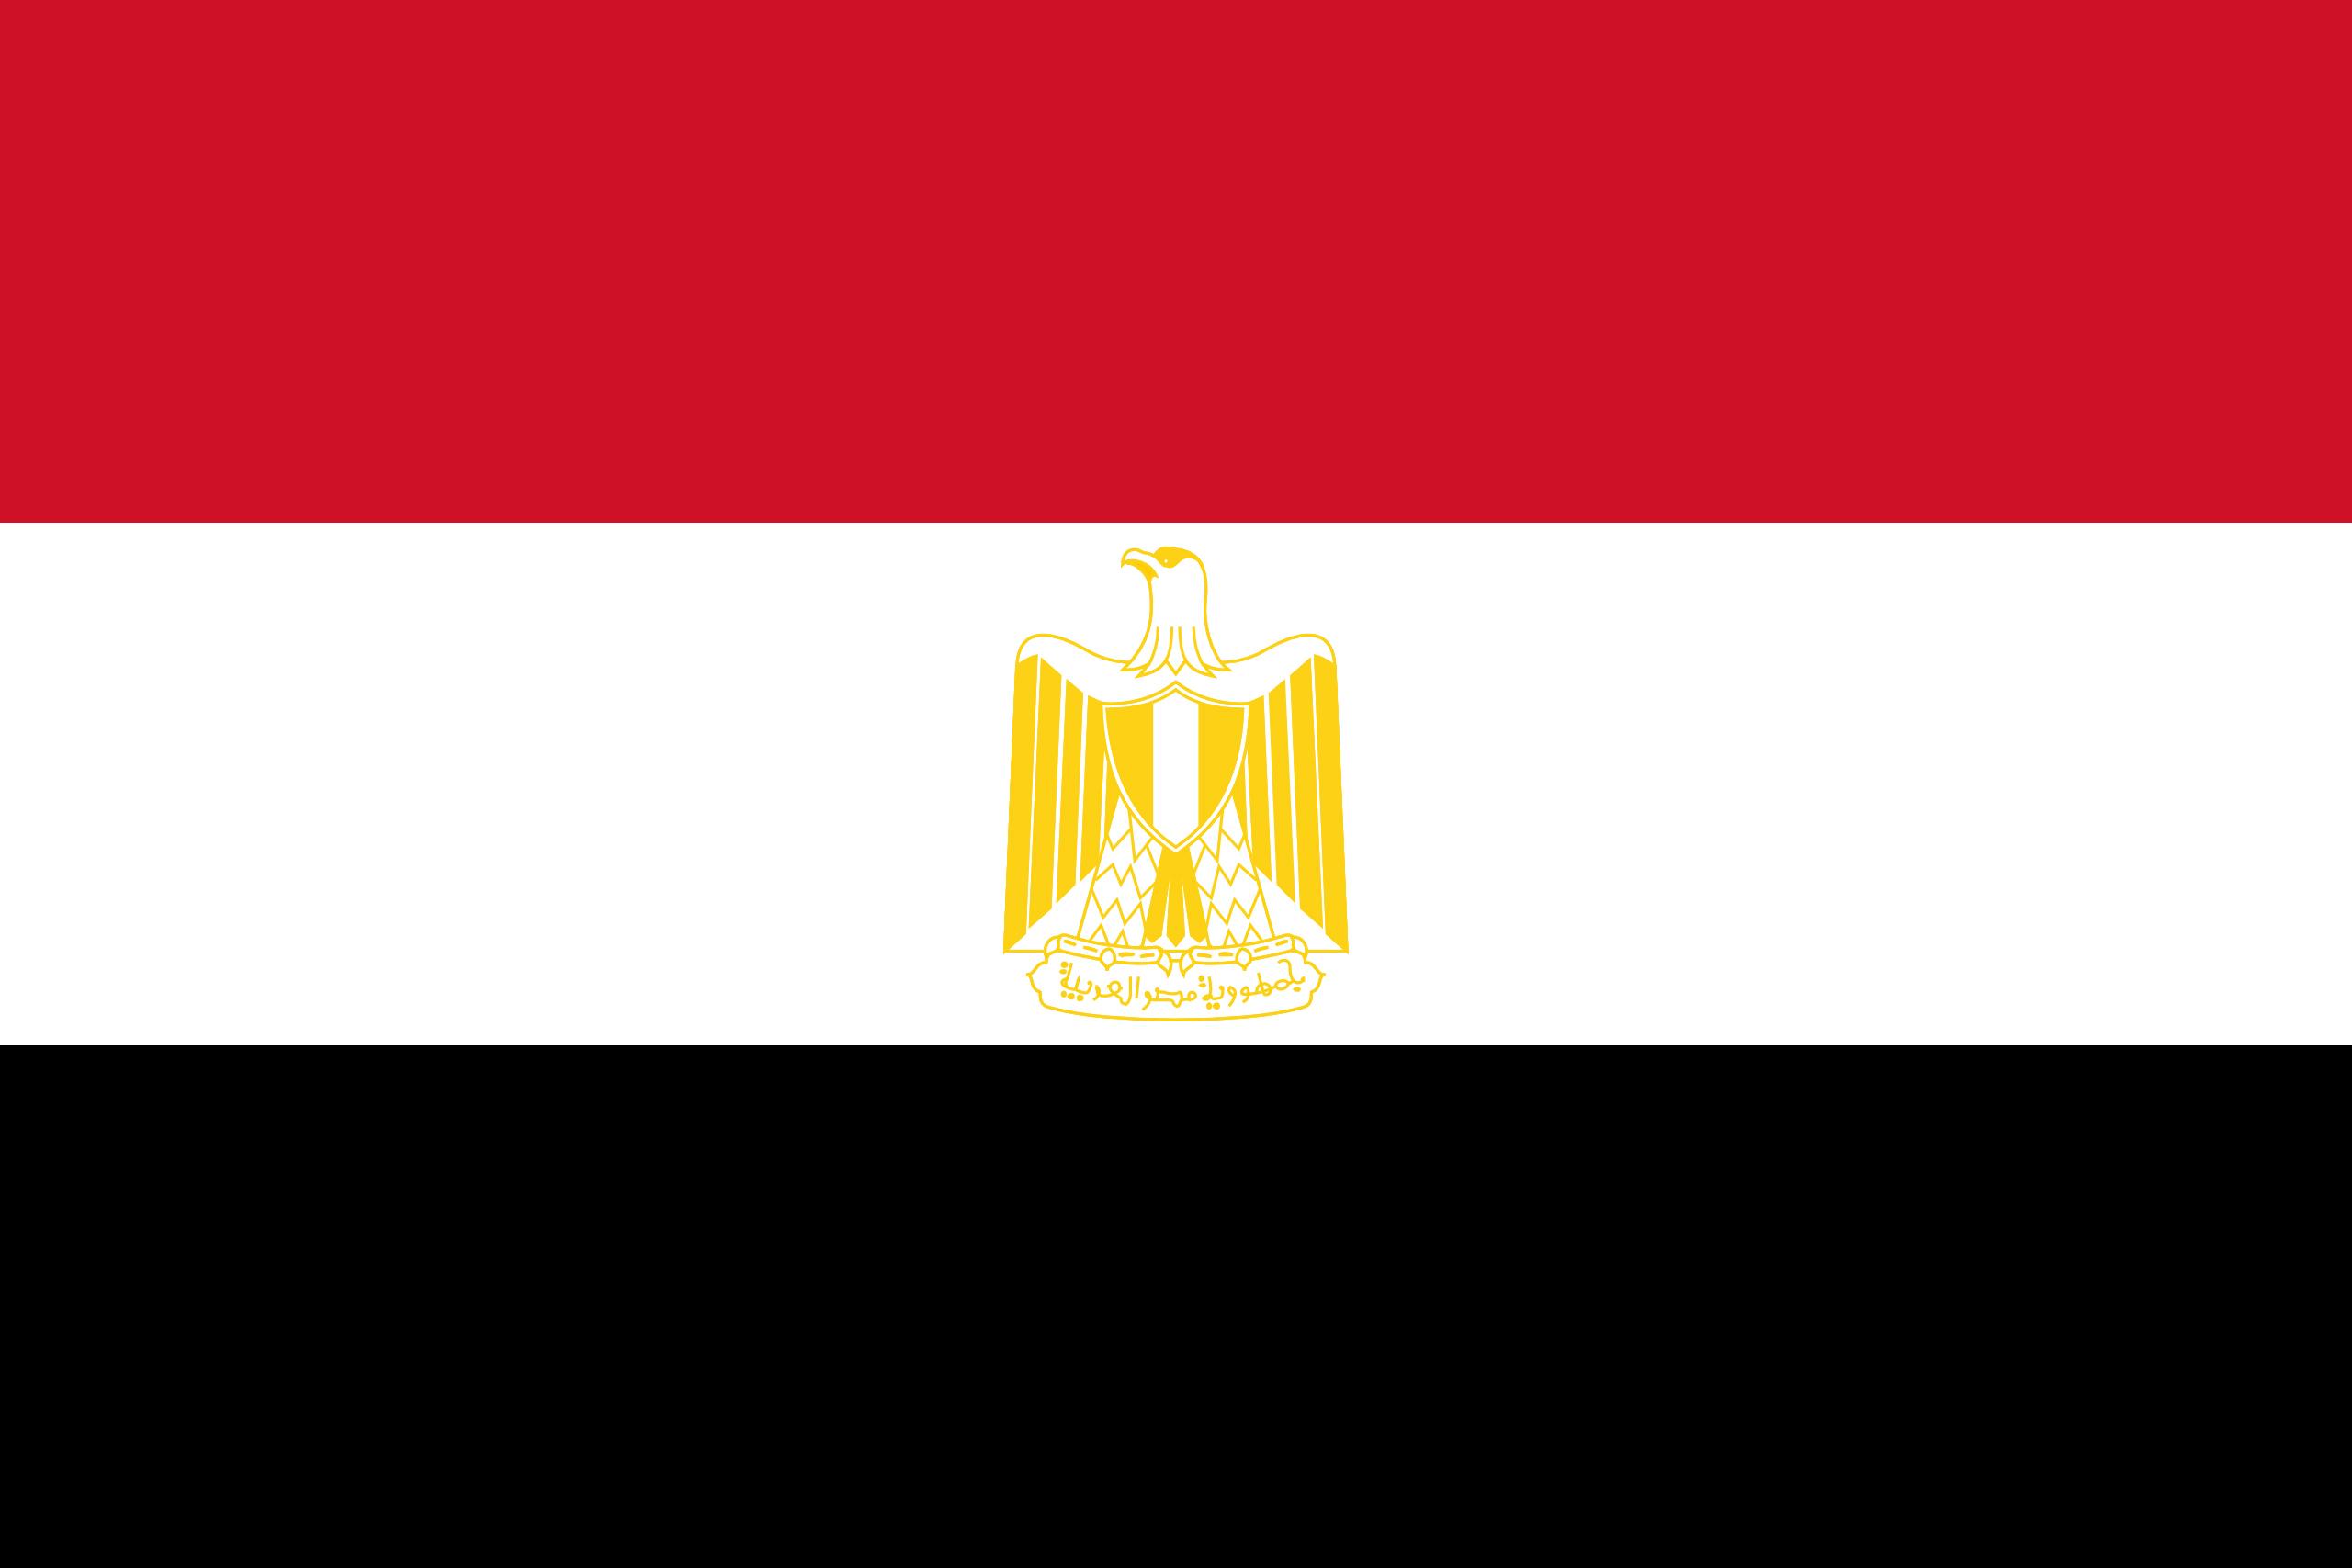 العلم المصري (3)